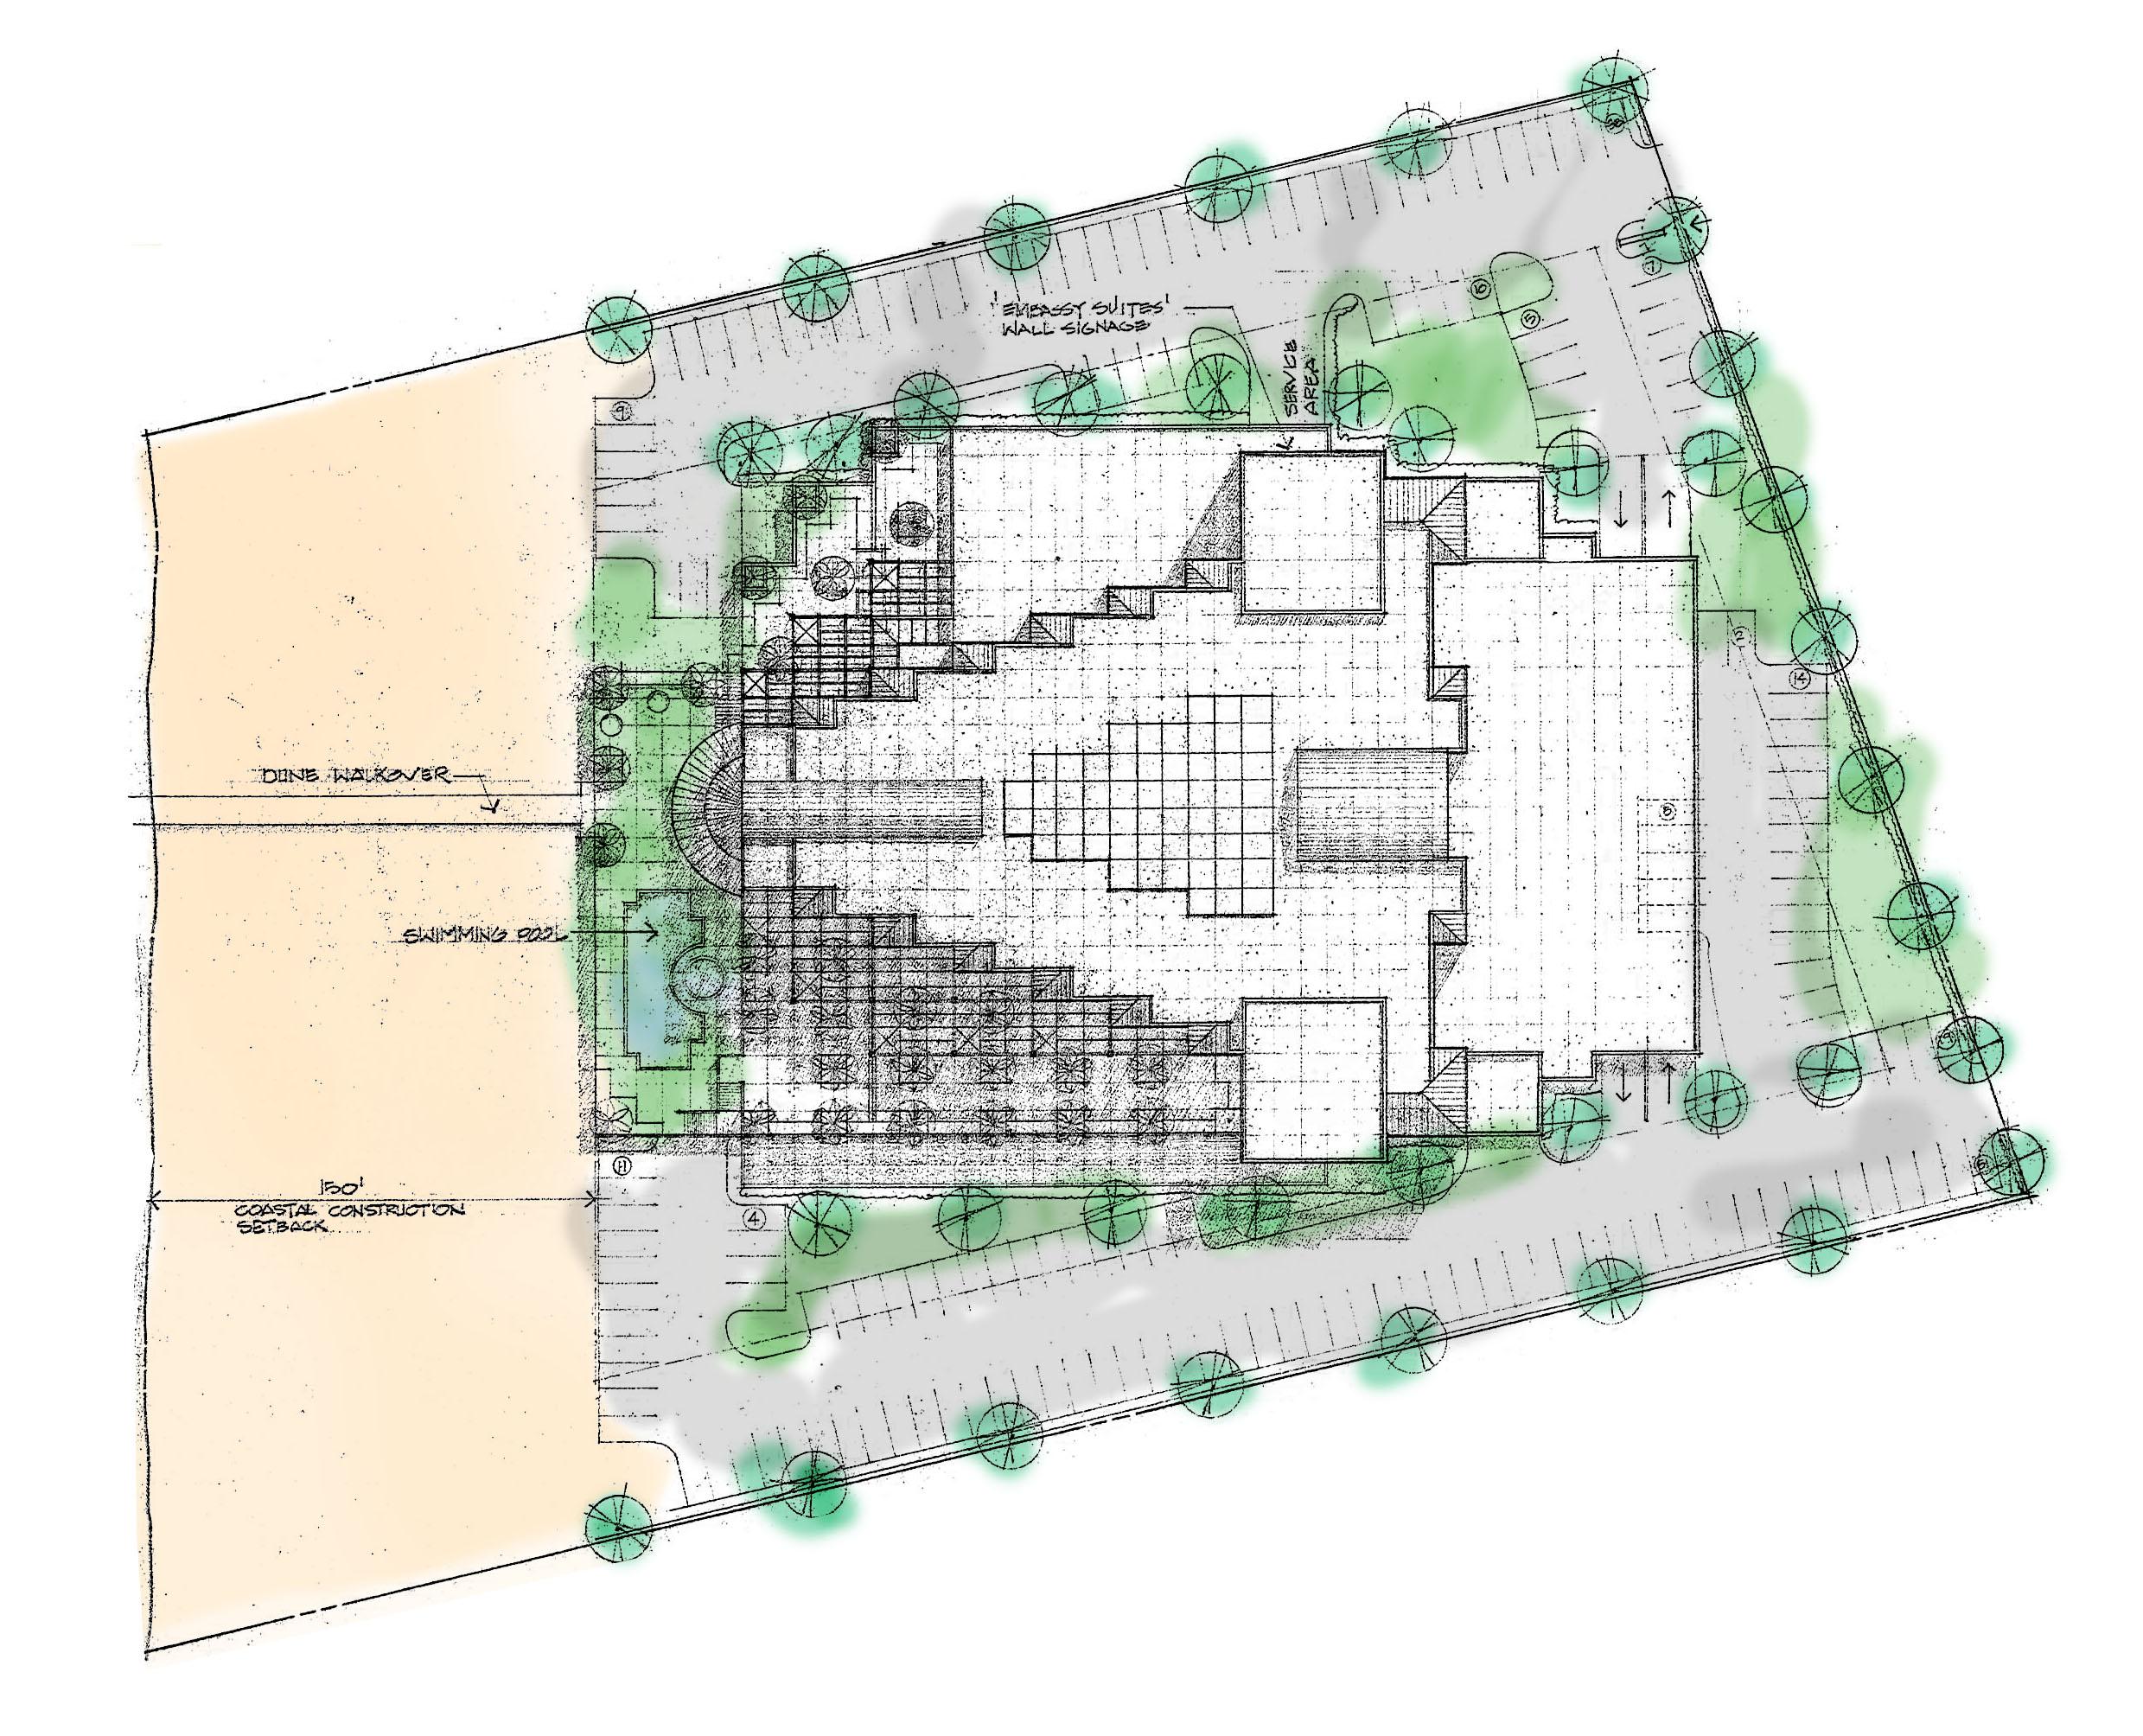 embassy-lido-siteplan.jpg